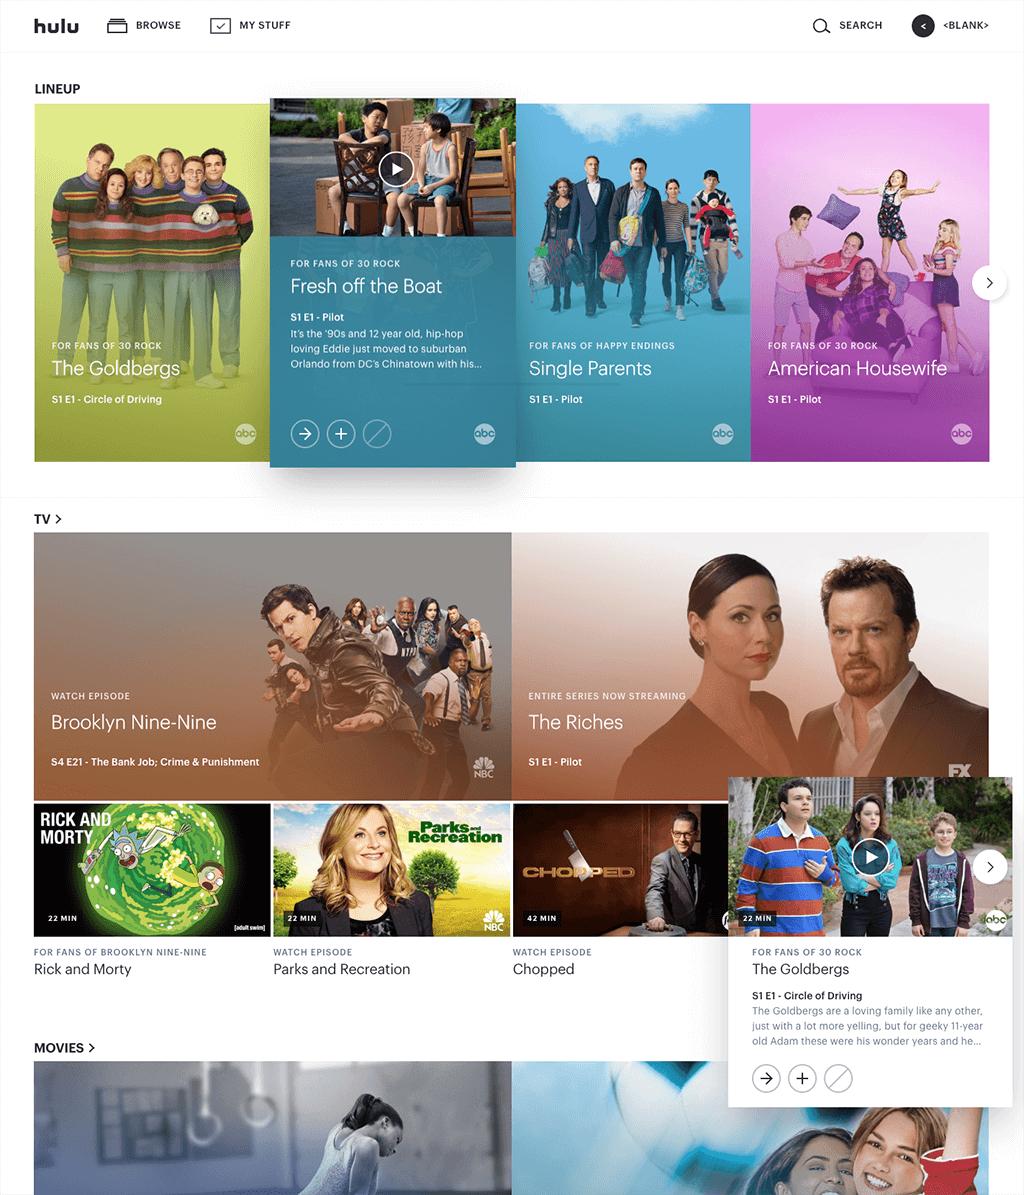 Hulu Website Design With Cards